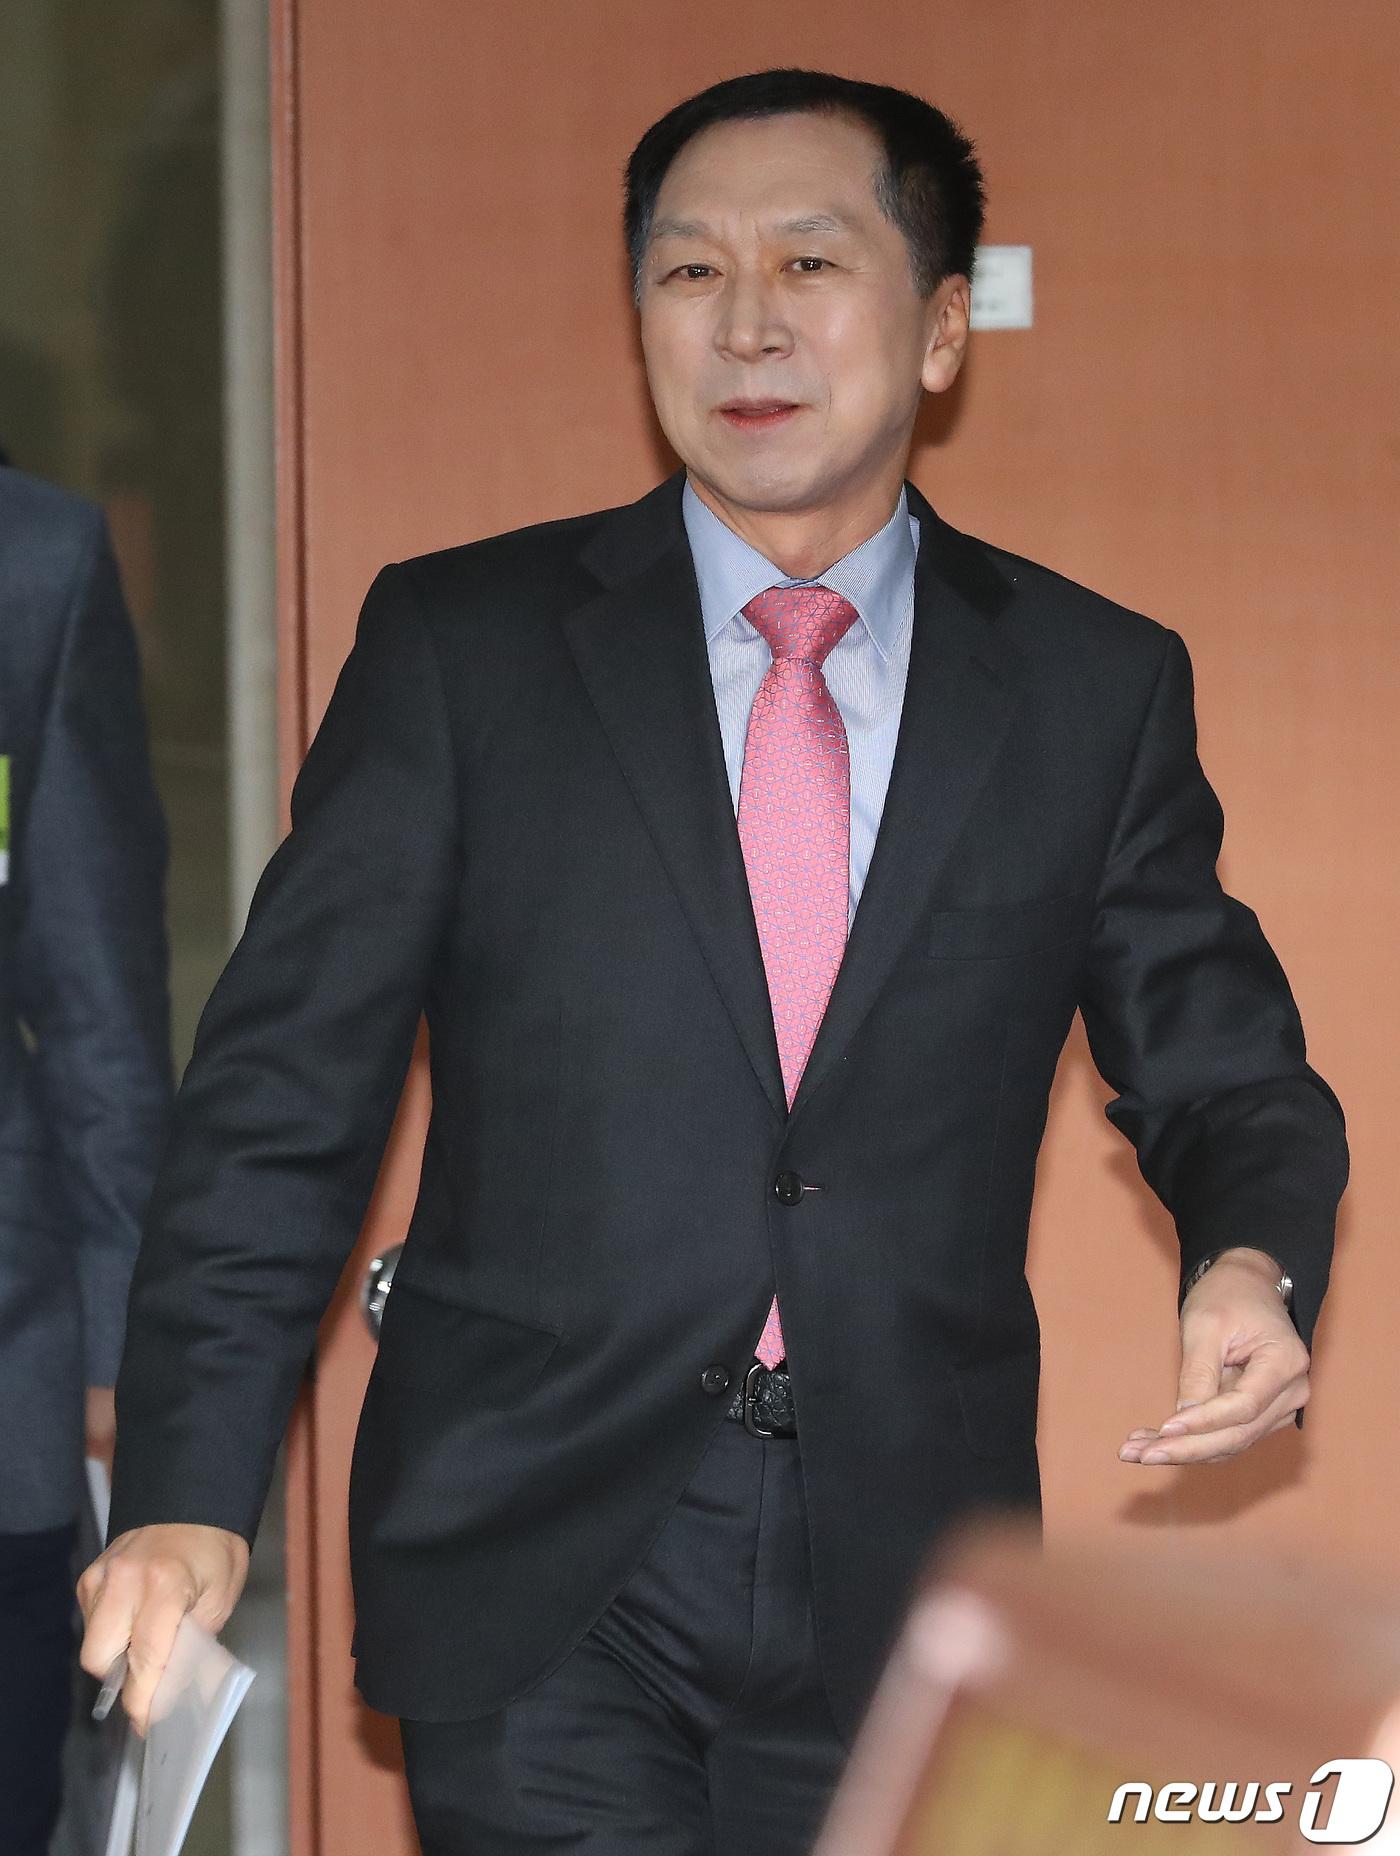 기자회견 나서는 김기현 전 울산시장